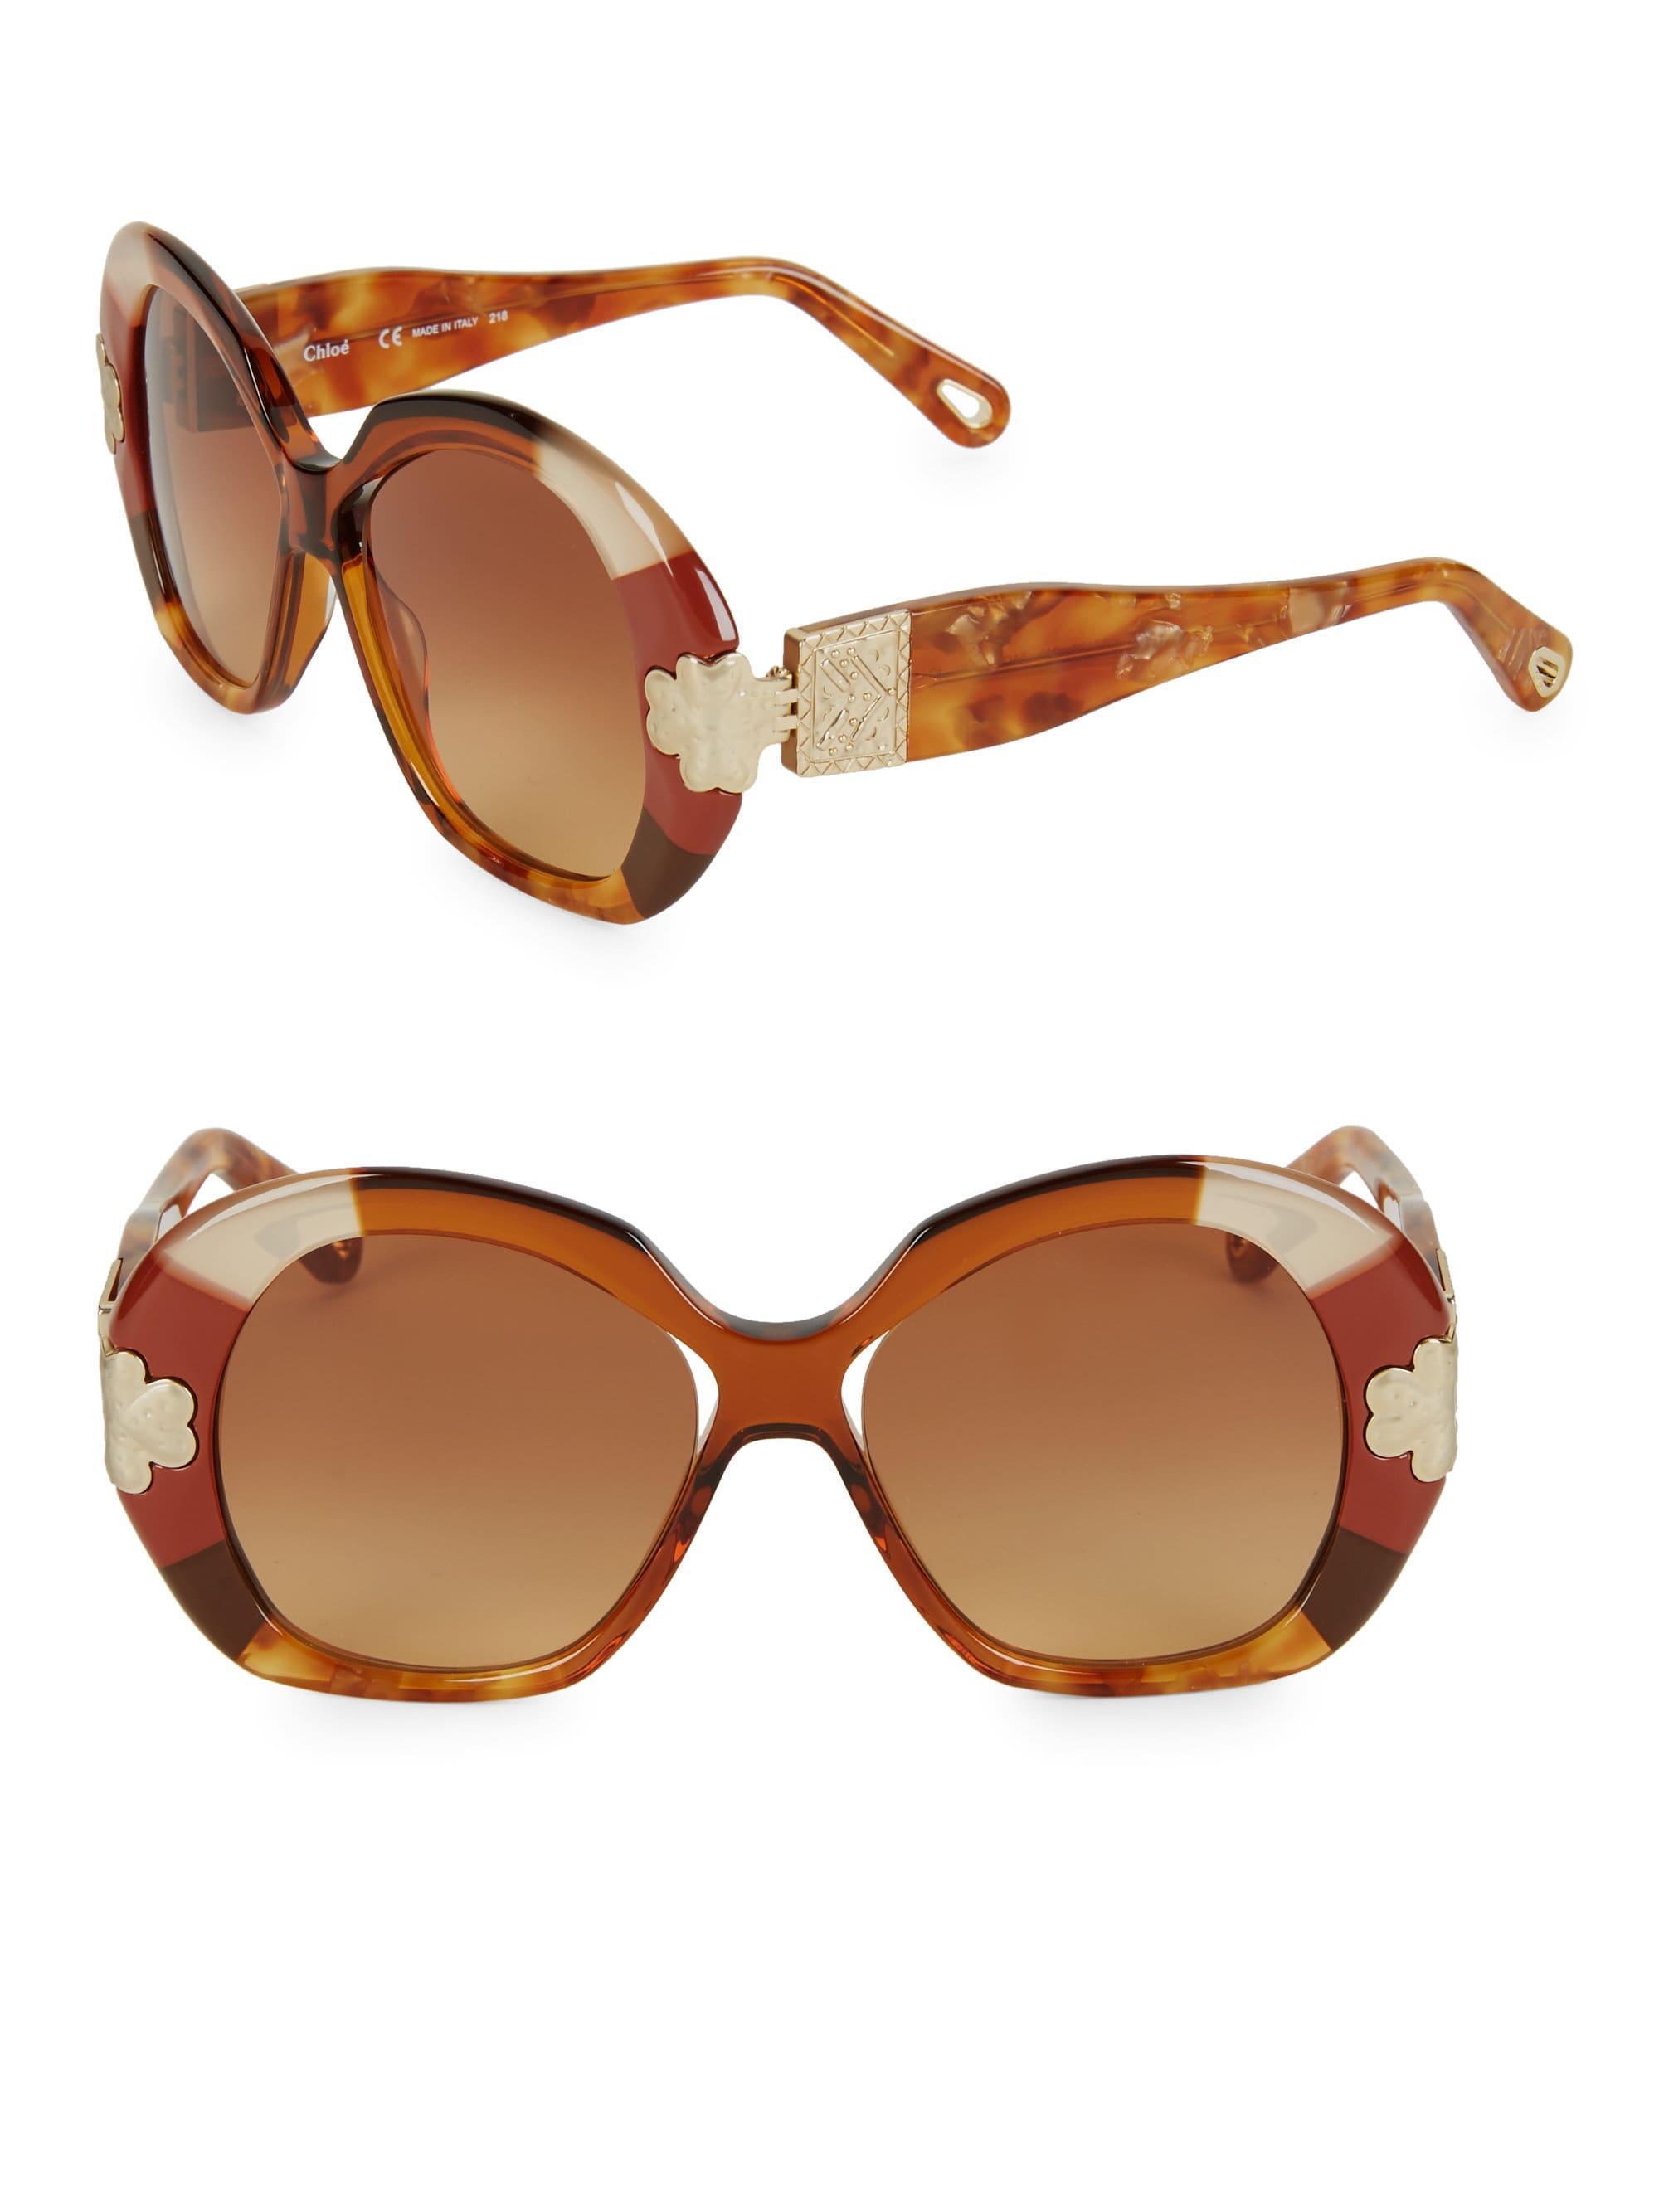 a6e1bc6864e Chloé Venus 54mm Round Sunglasses in Brown - Lyst